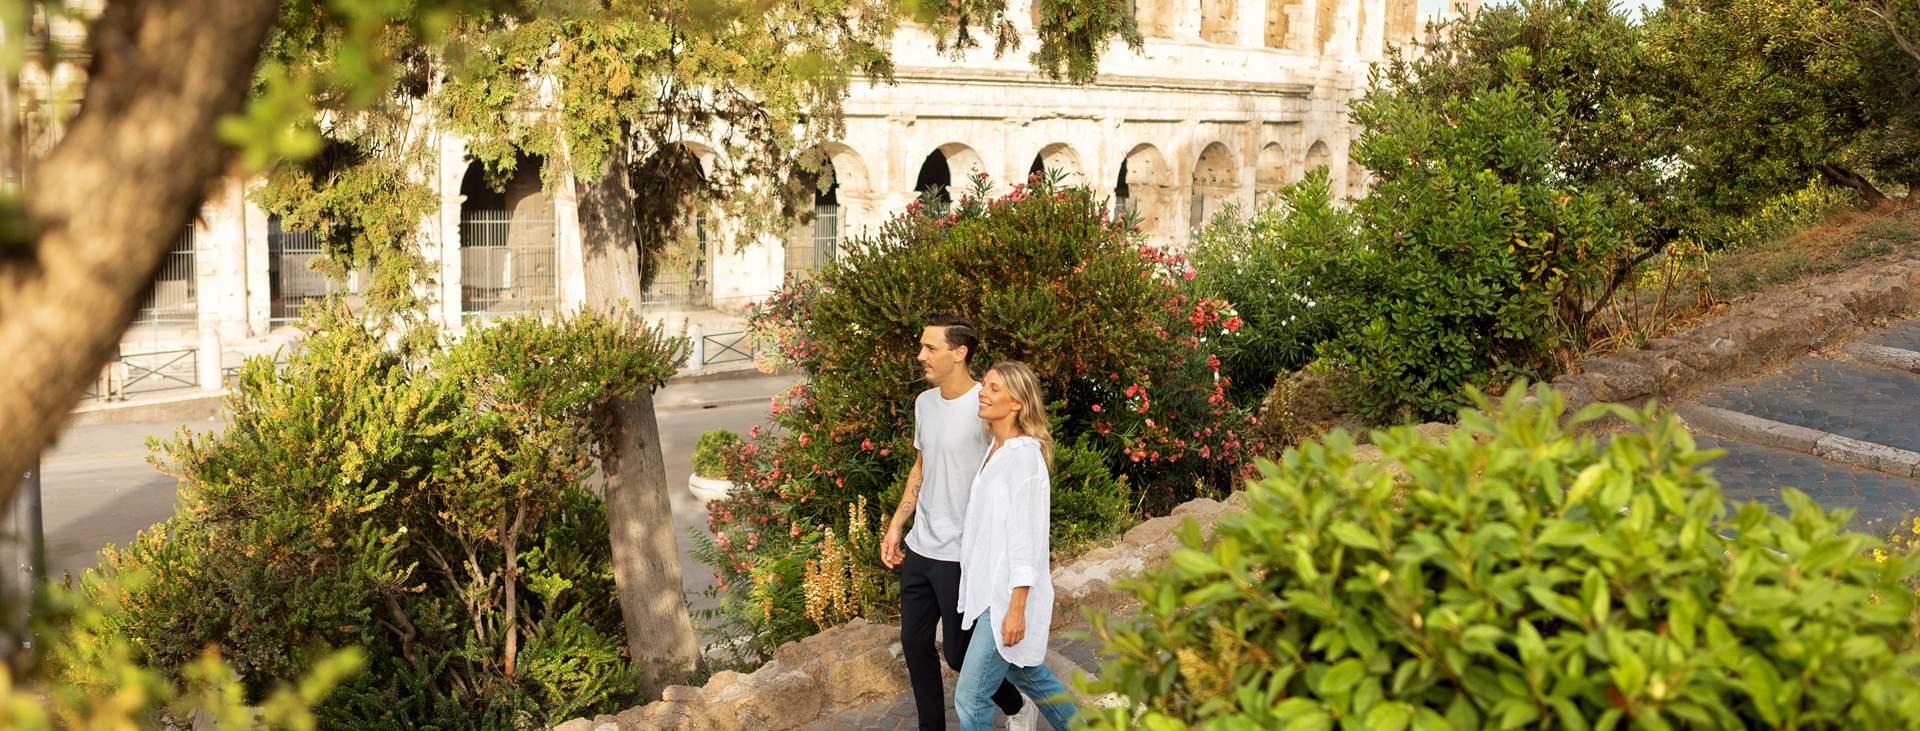 Boka din resa till Rom i Italien med Ving